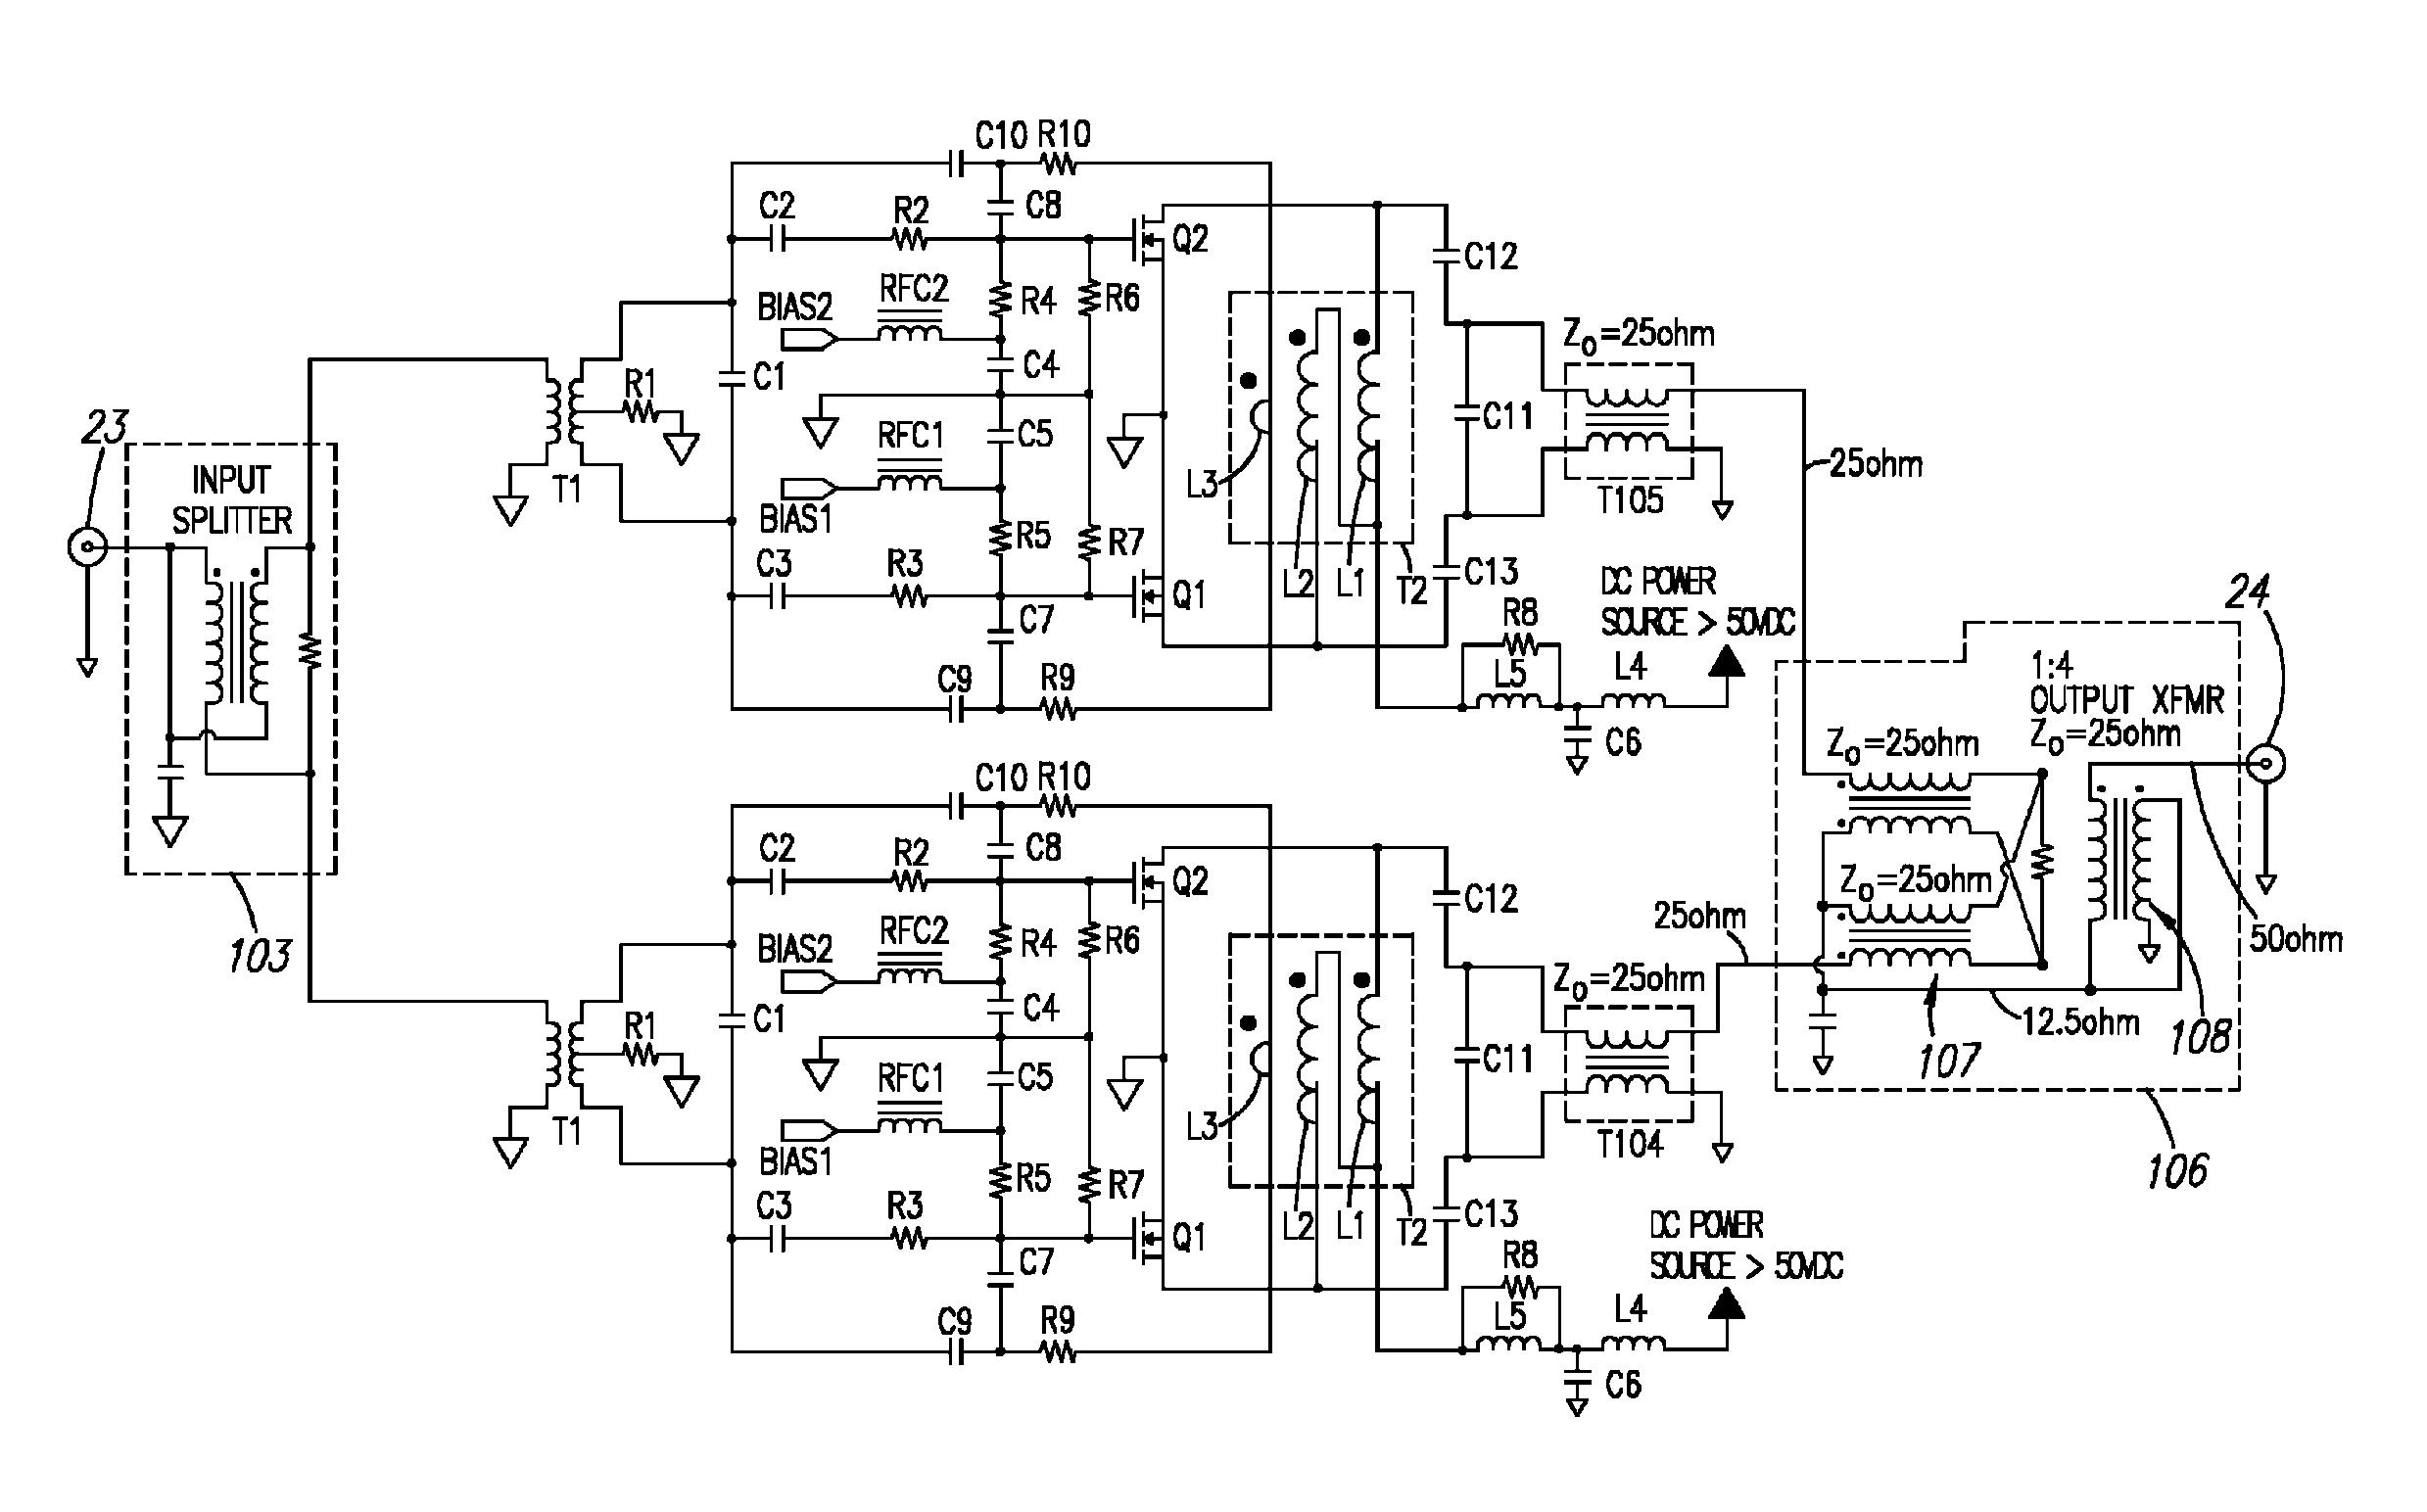 Motorola Spectra Wiring Diagram Ge Spectra Wiring Diagram